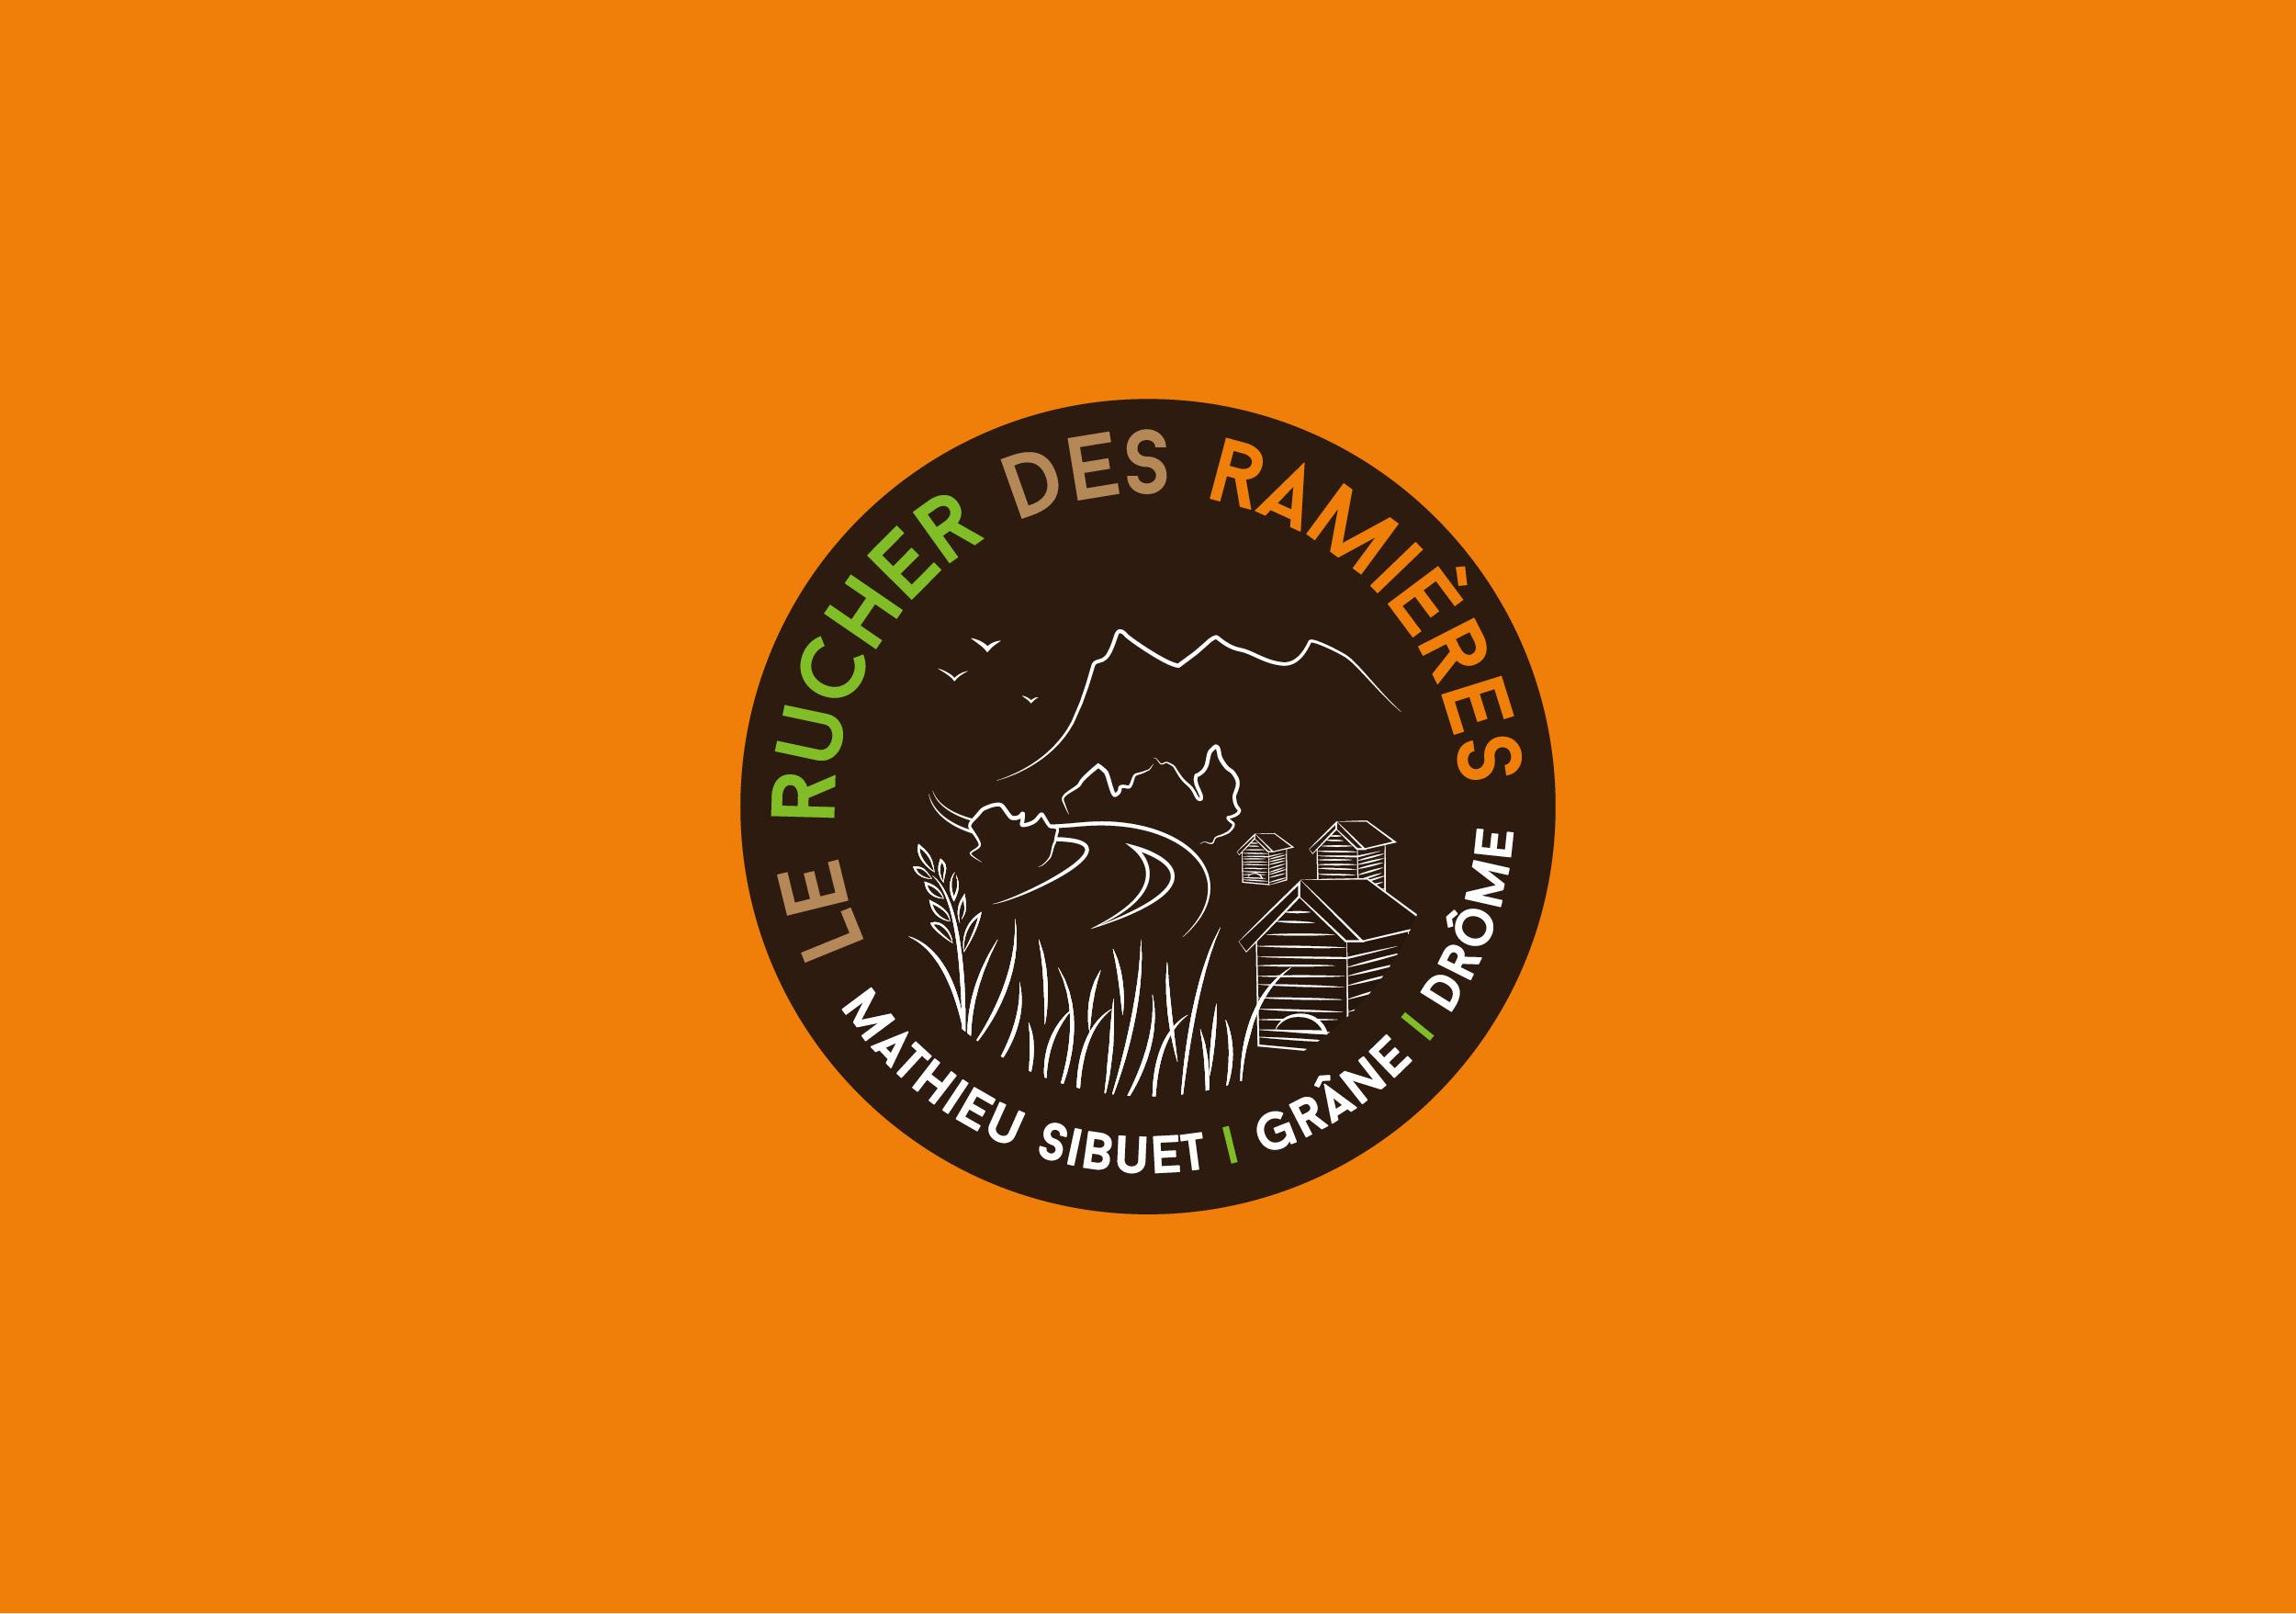 Création du logo Le Rucher des Ramières apiculteur récoltant miel bio Grâne Drôme